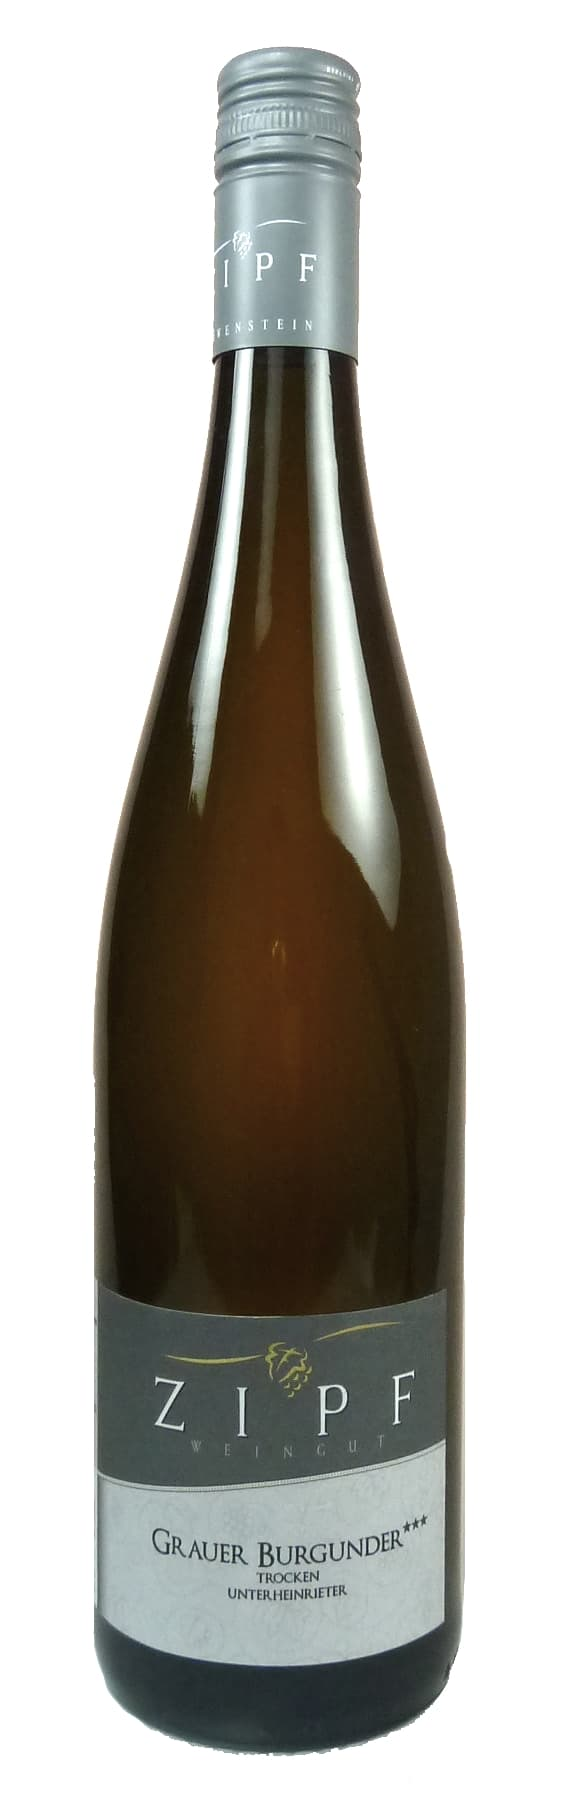 Grauburgunder *** Qualitätswein trocken 2017